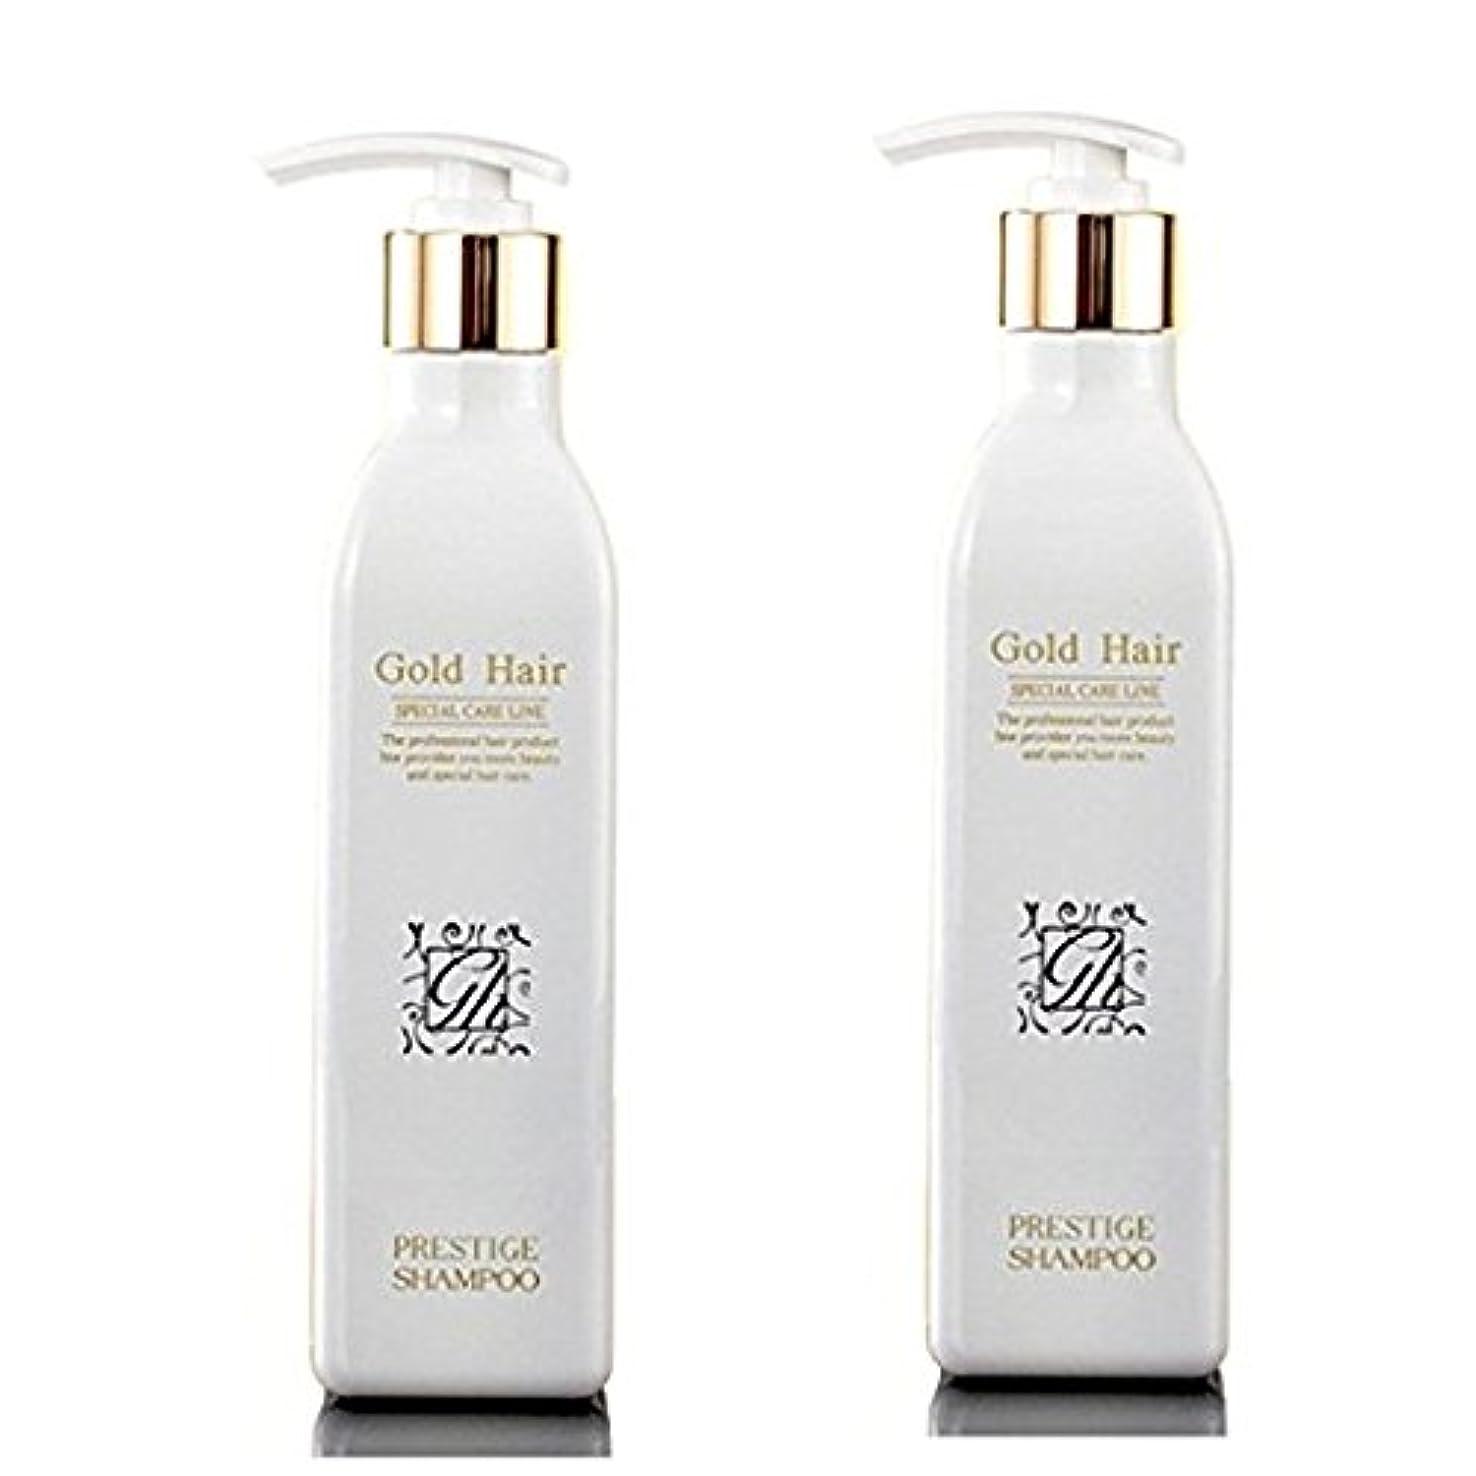 頭蓋骨曲線ハードリングゴールドヘア 育毛ケア シャンプー 漢方 シャンプー 抜け毛ケア ヘアケアシャンプー2本/Herbal Hair Loss Fast Regrowth Gold Hair Loss Shampoo[海外直送品] (2本セット...